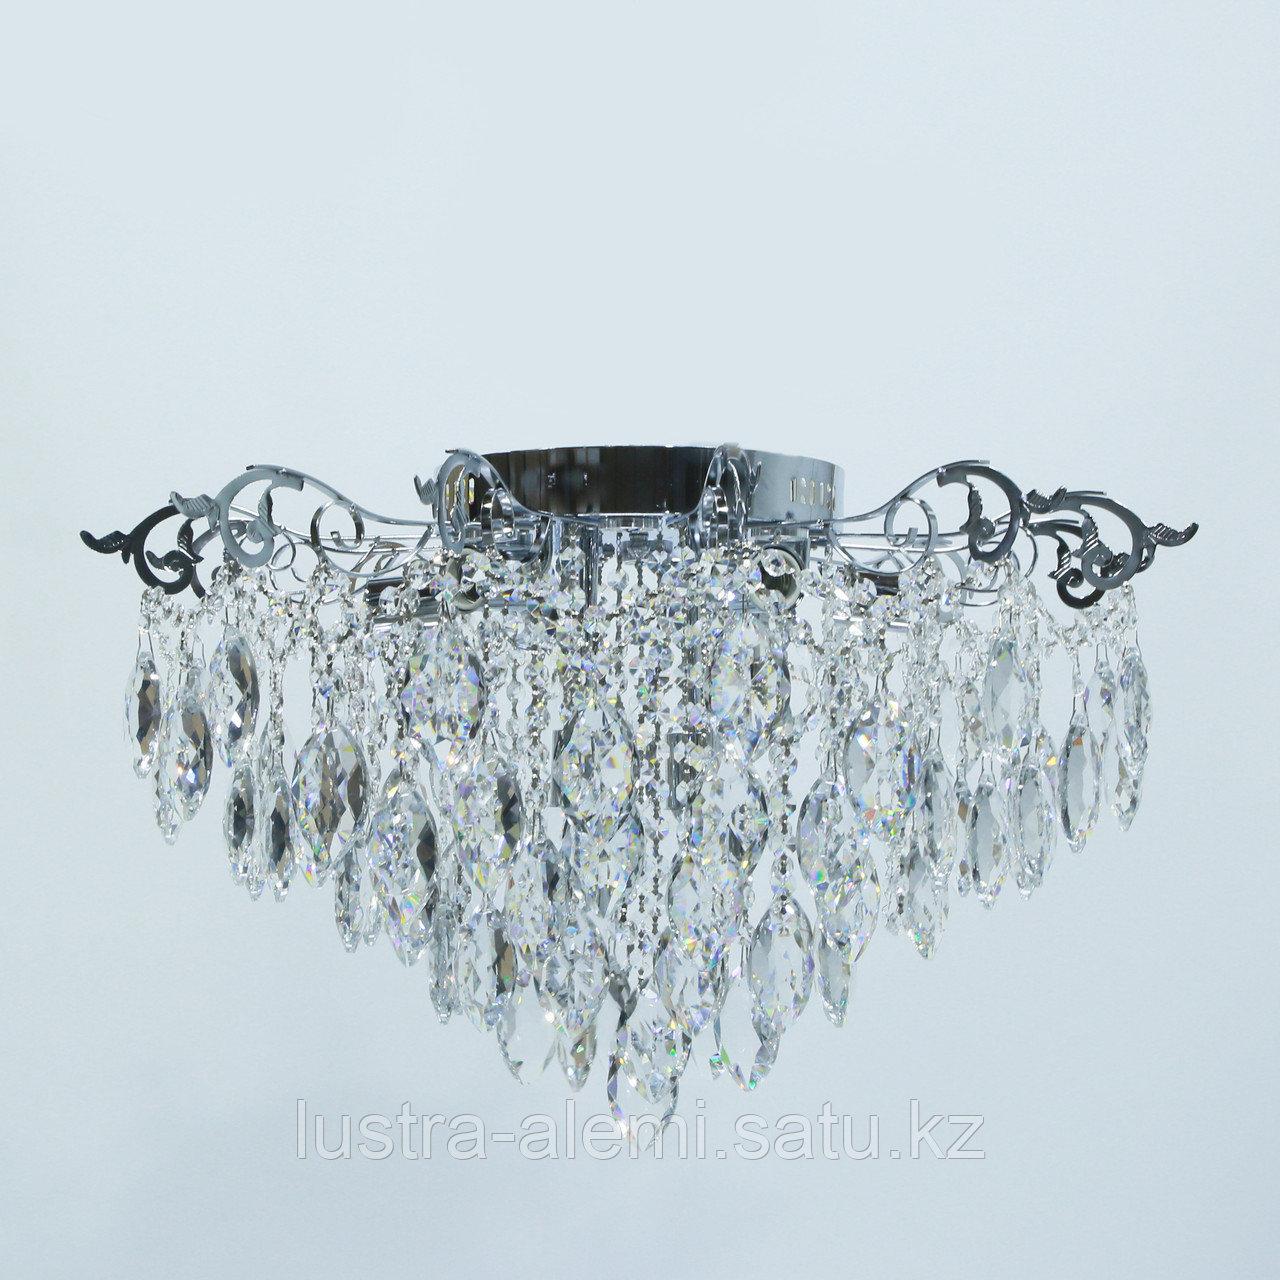 """Люстра Классика """"Хрусталь"""" 1832/8+6 E27*8-LED*6 CH"""